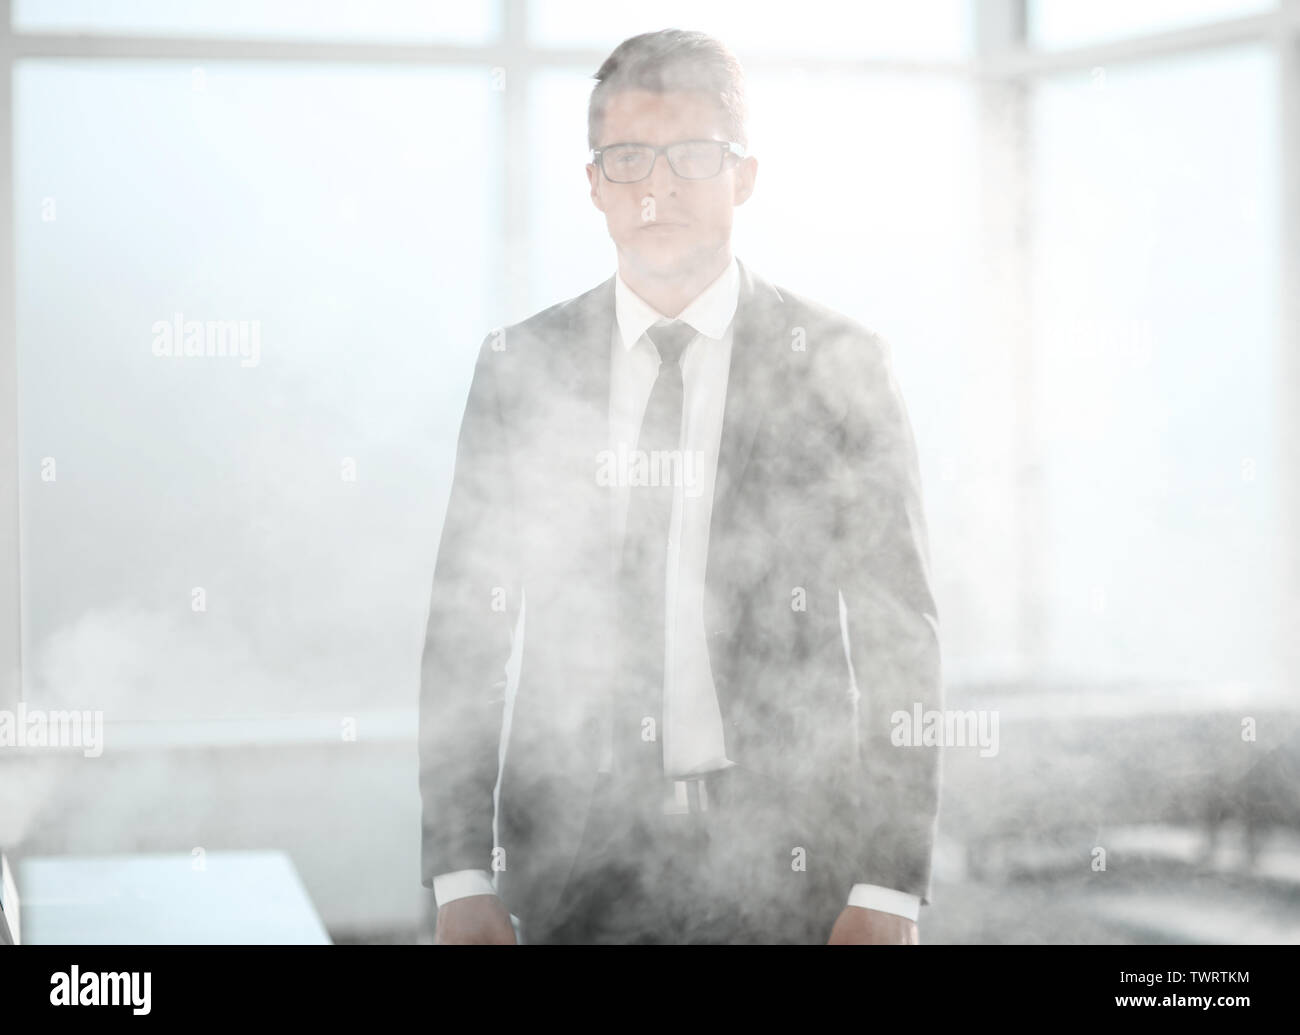 Junge Unternehmer in einem verrauchten Büro Stockbild